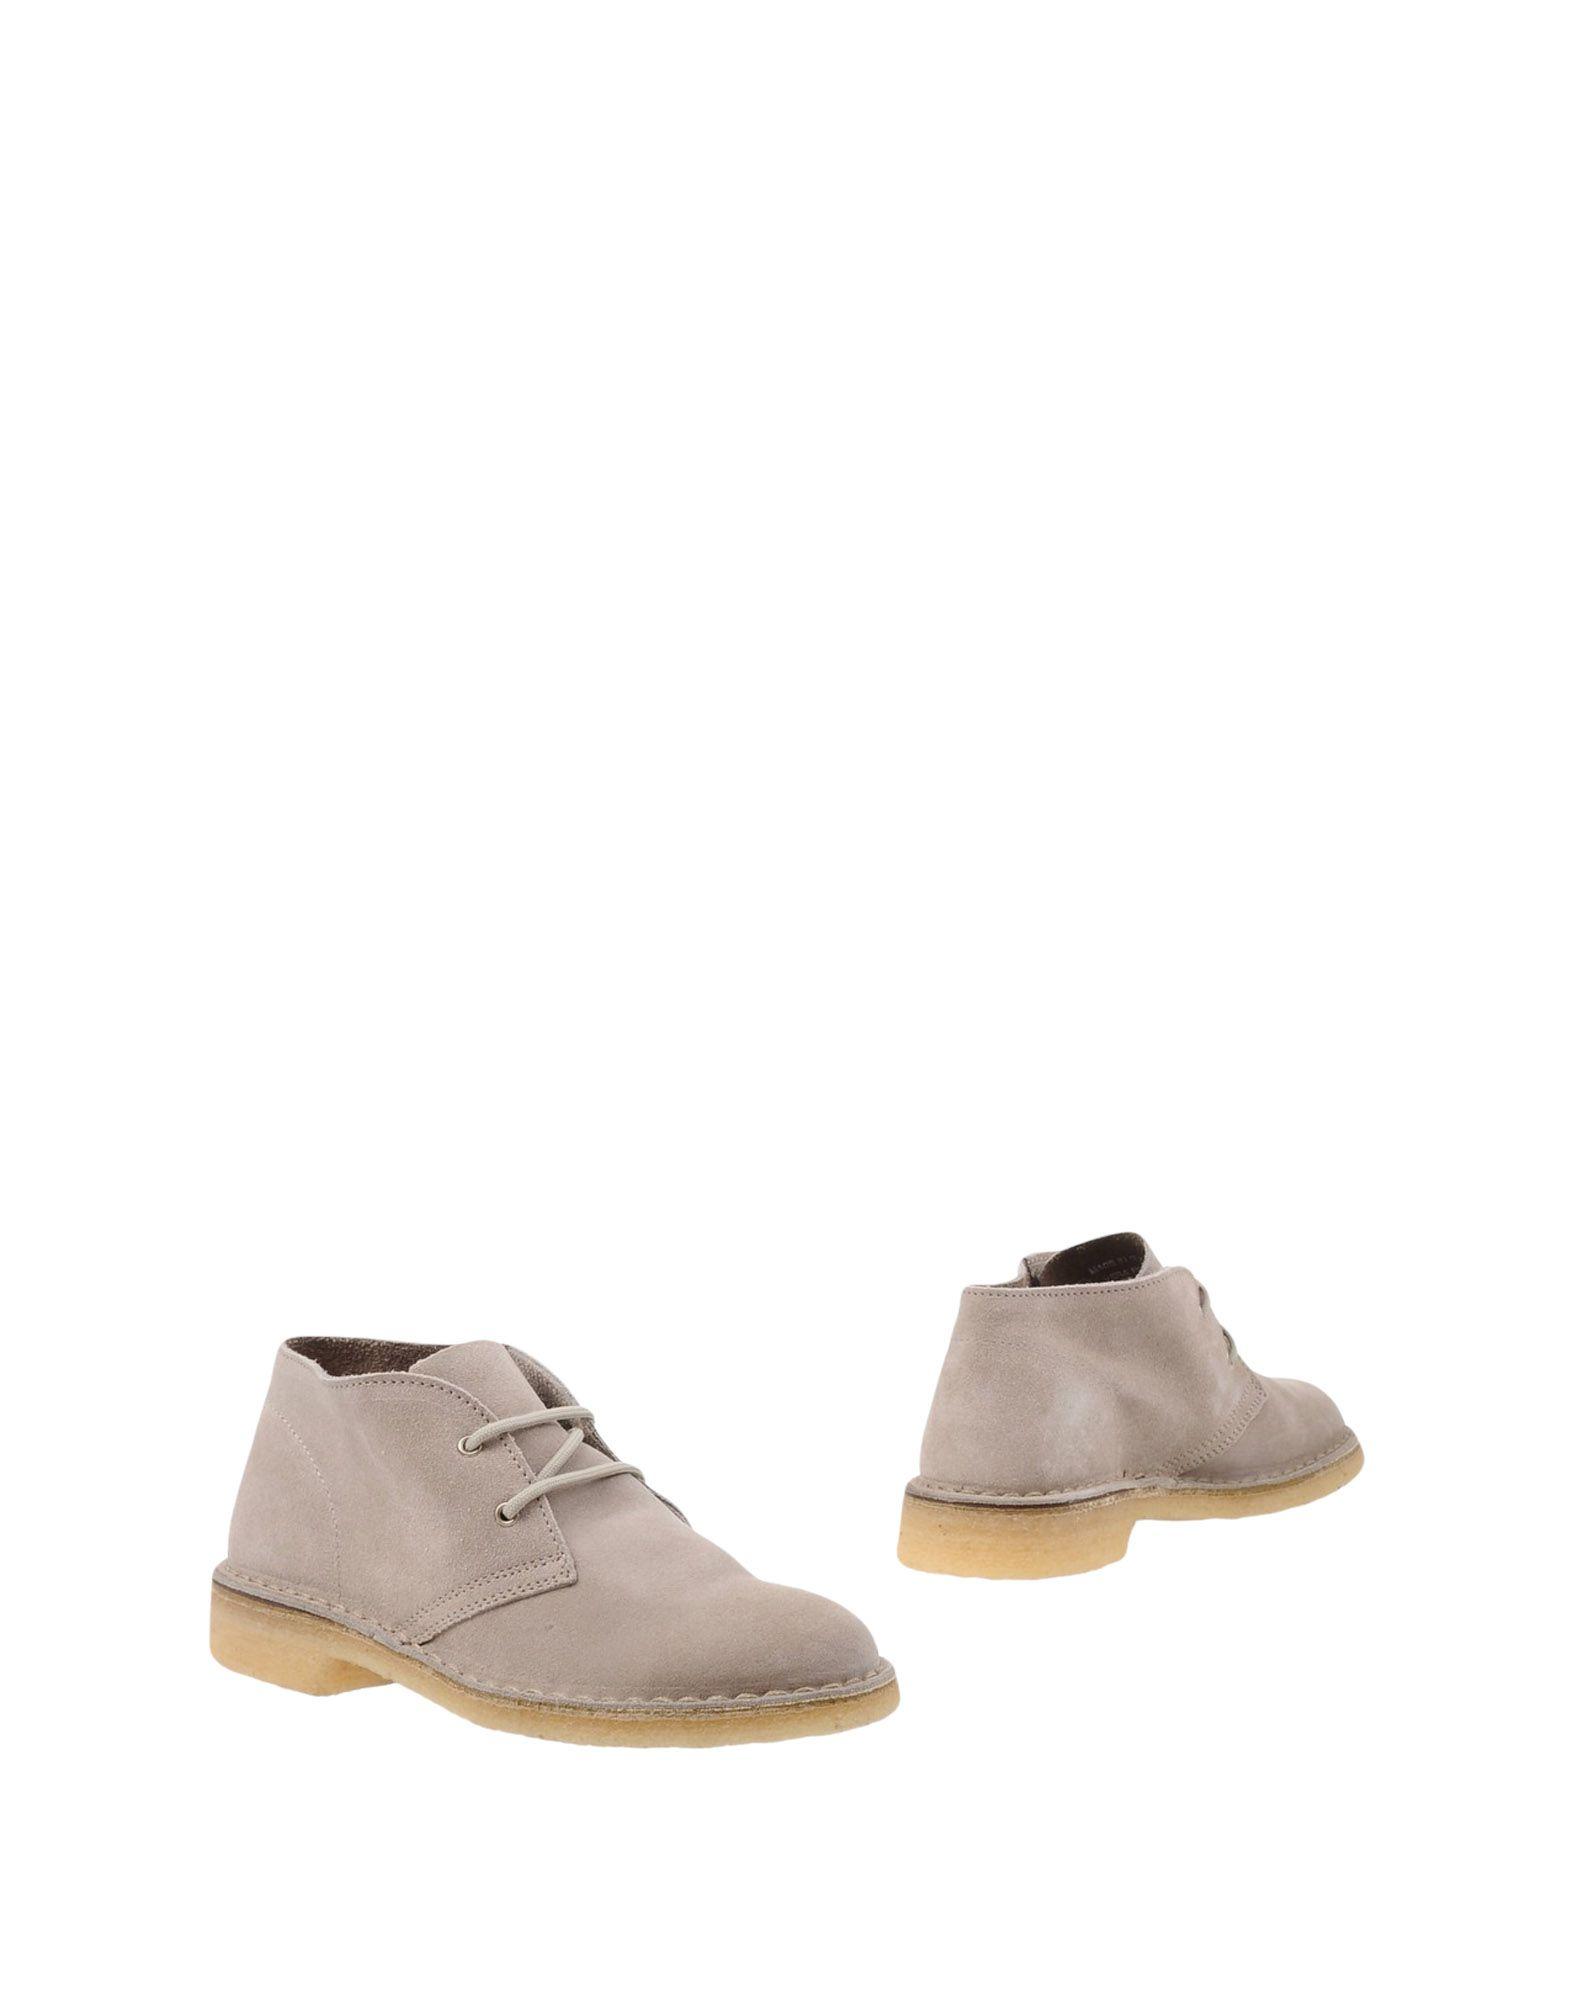 Cuoieria Stiefelette Damen  11130423IP Gute Qualität beliebte Schuhe